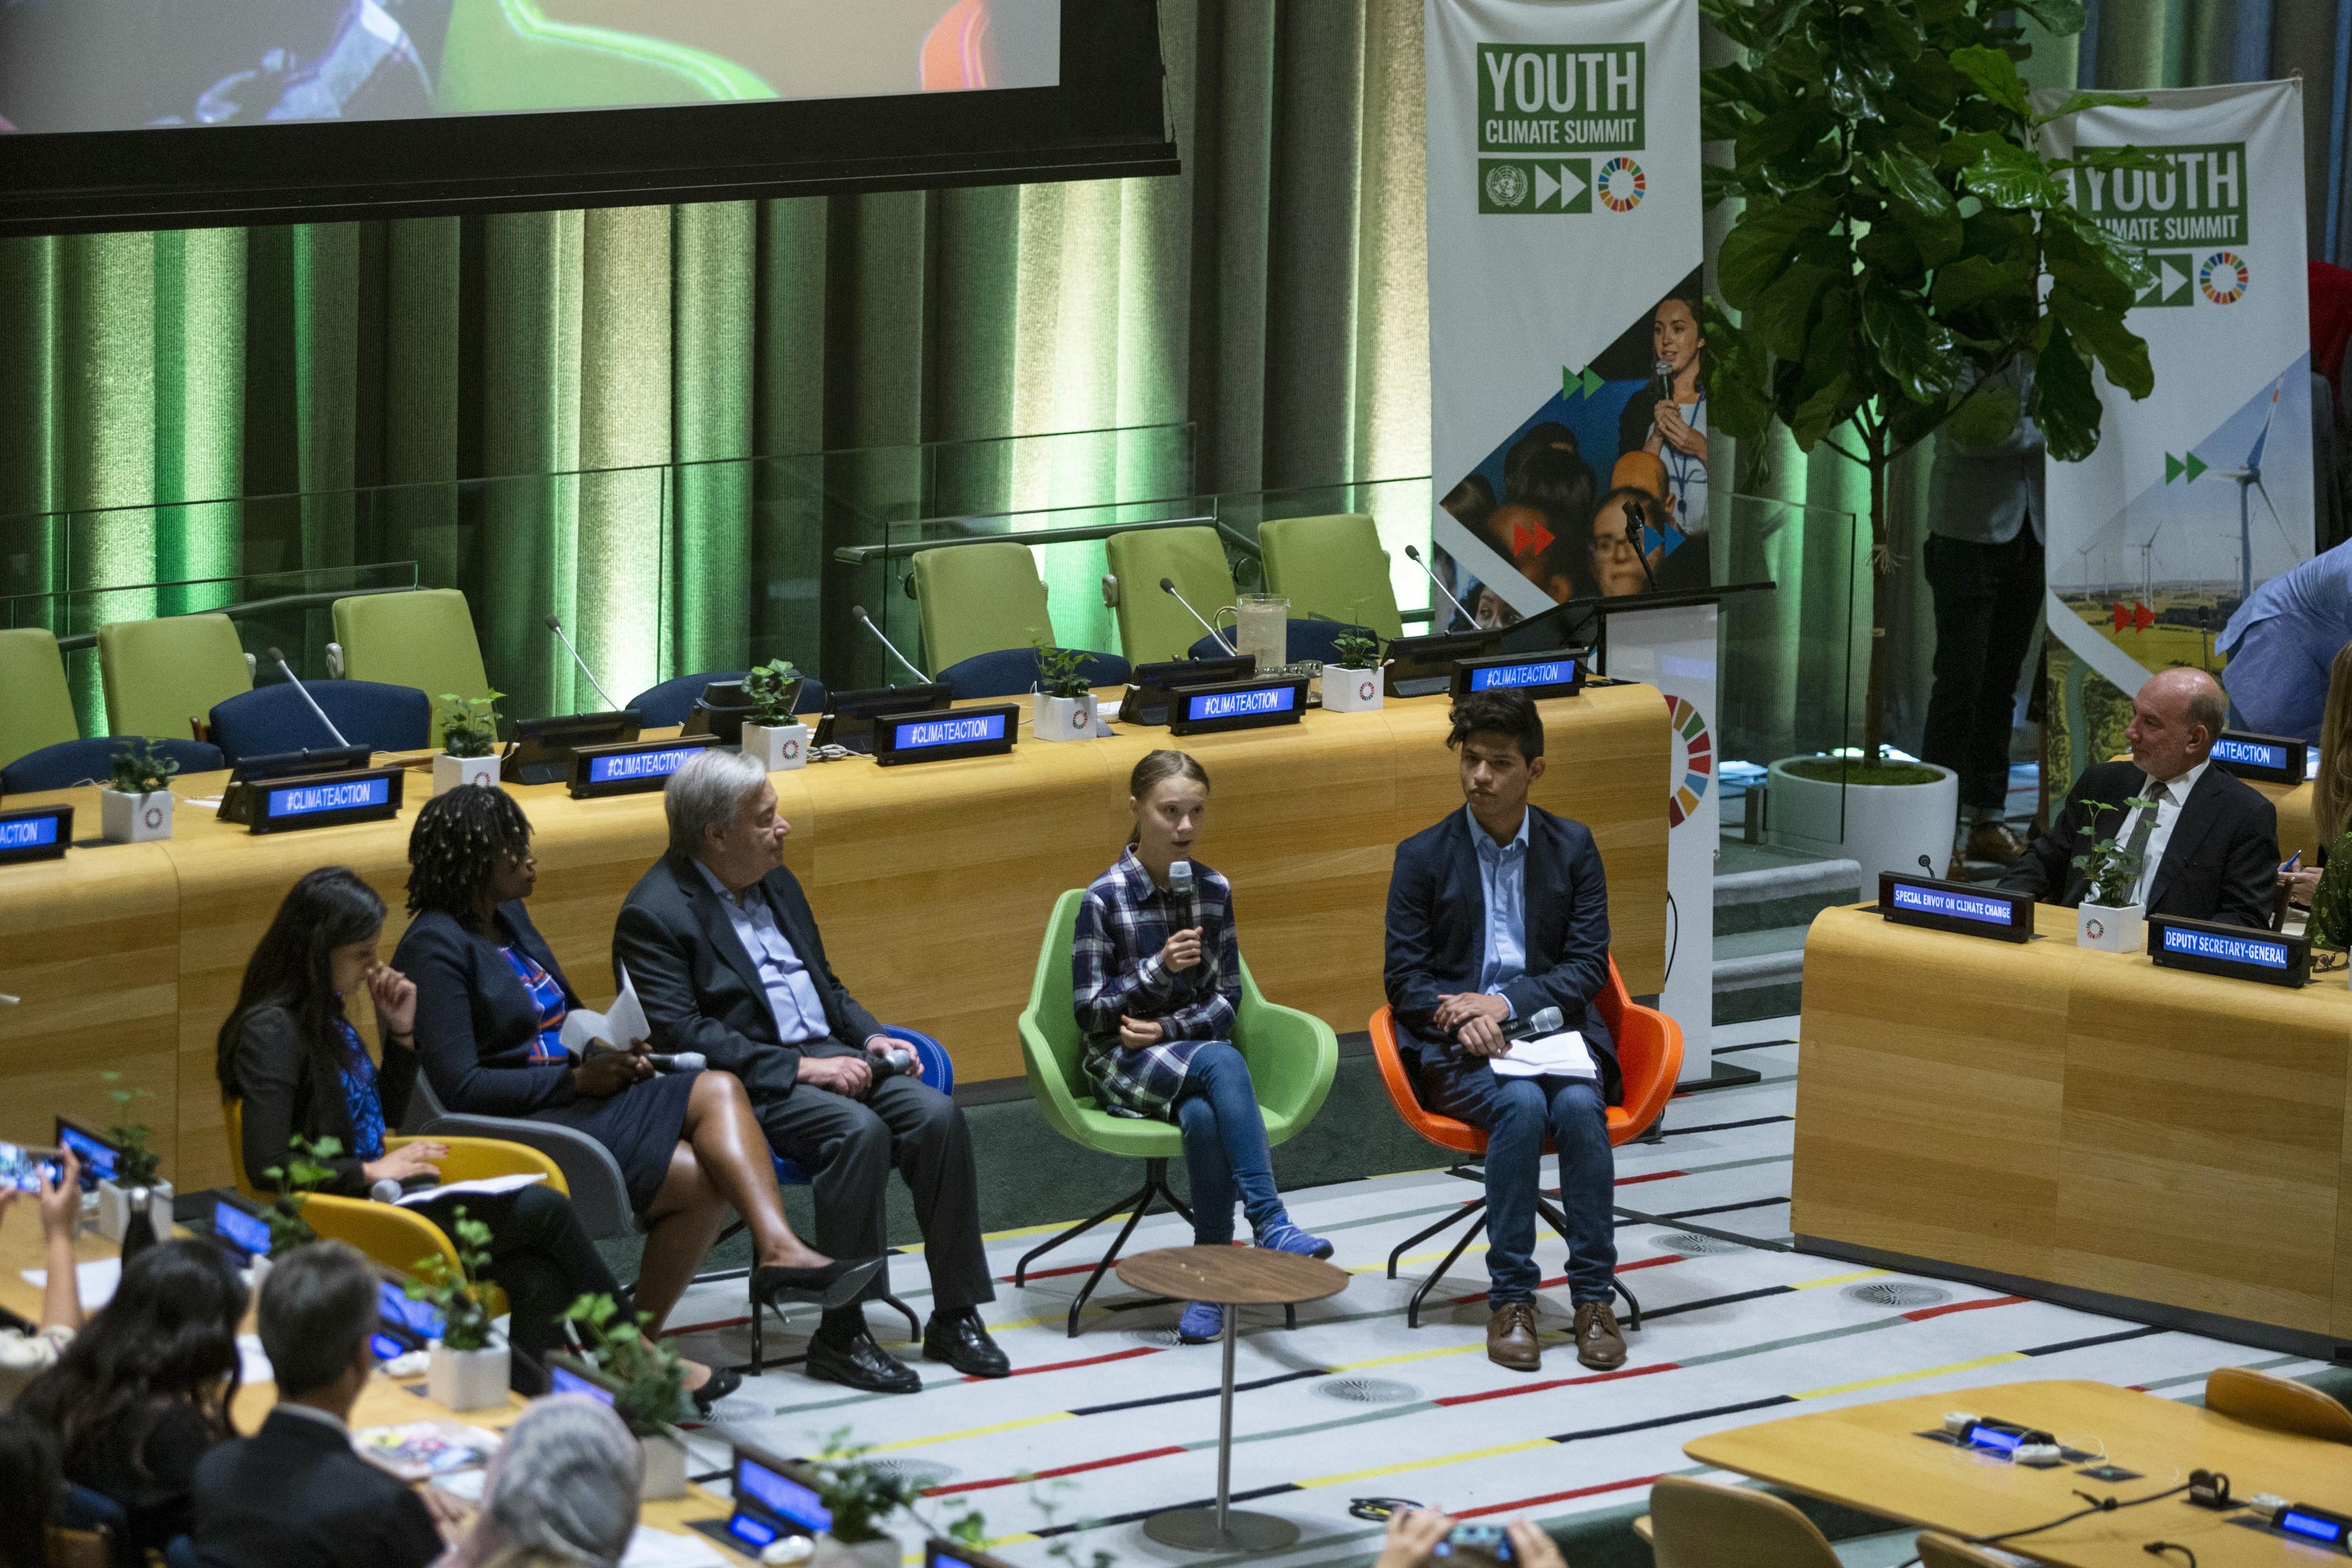 Cúpula do Clima da ONU começa com discussão sobre papel dos jovens no futuro do planeta - Notícias - Plantão Diário